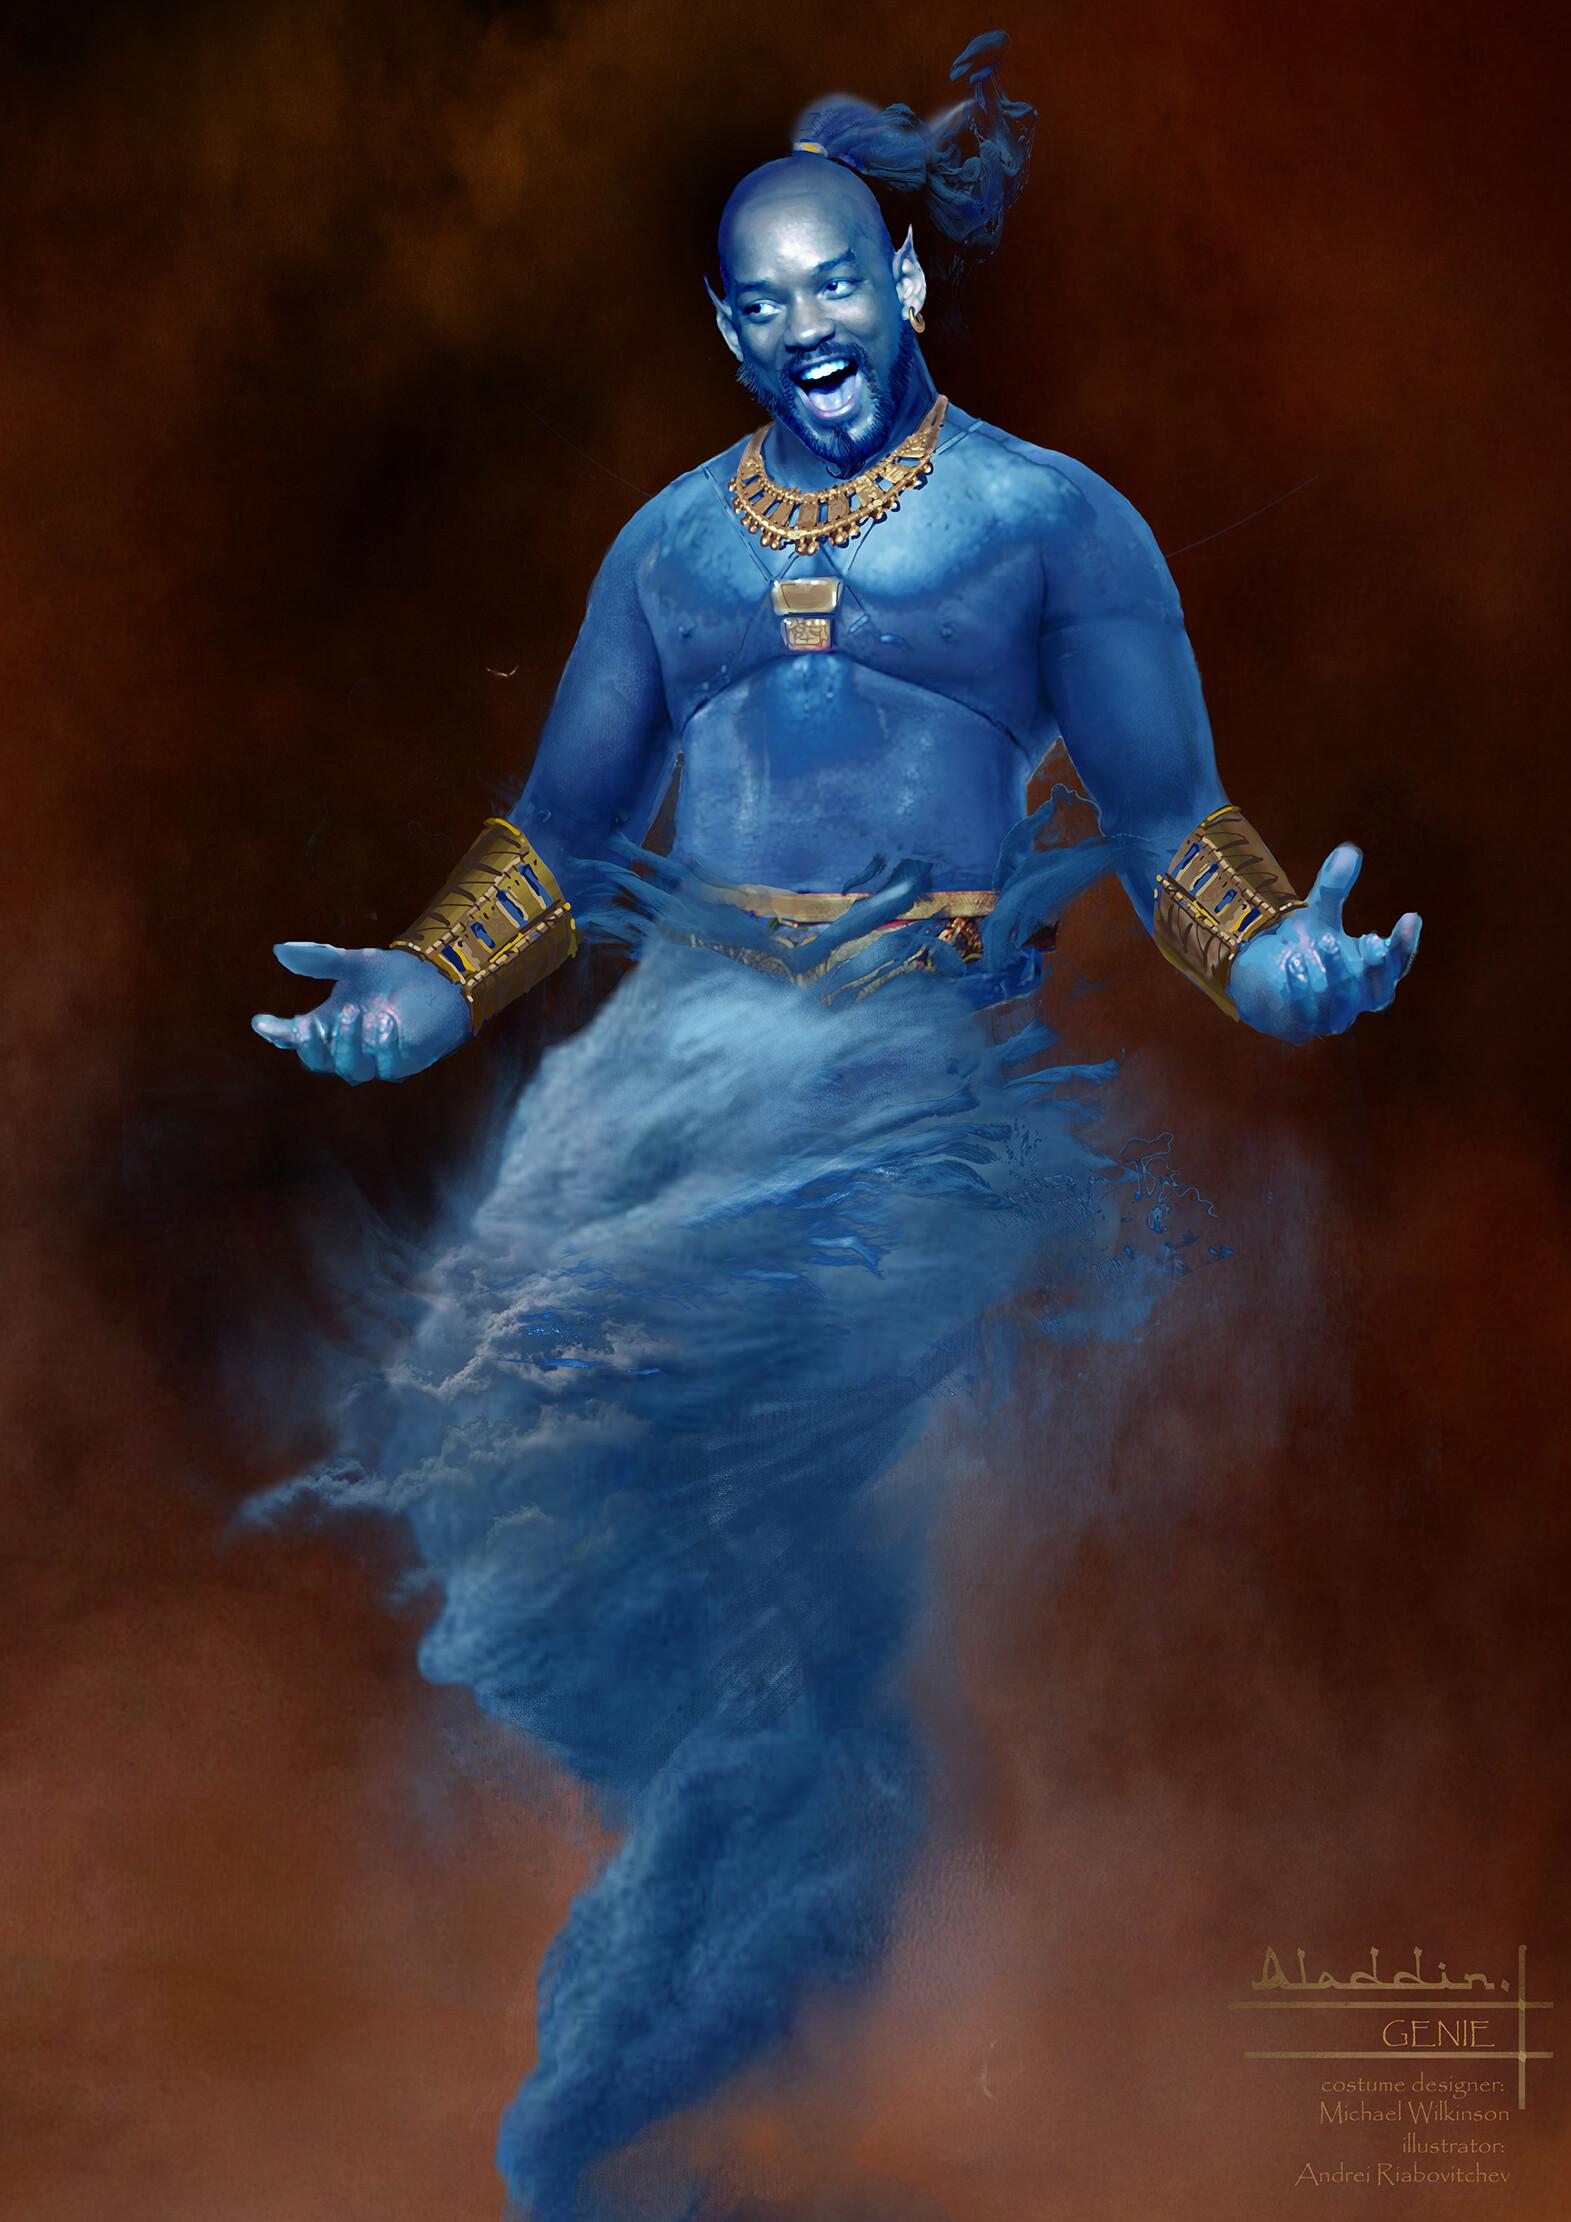 Aladdin [Disney - 2019] - Page 43 Andrei-riabovitchev-01-genie-21-03-2017-lamp-v001a-ar